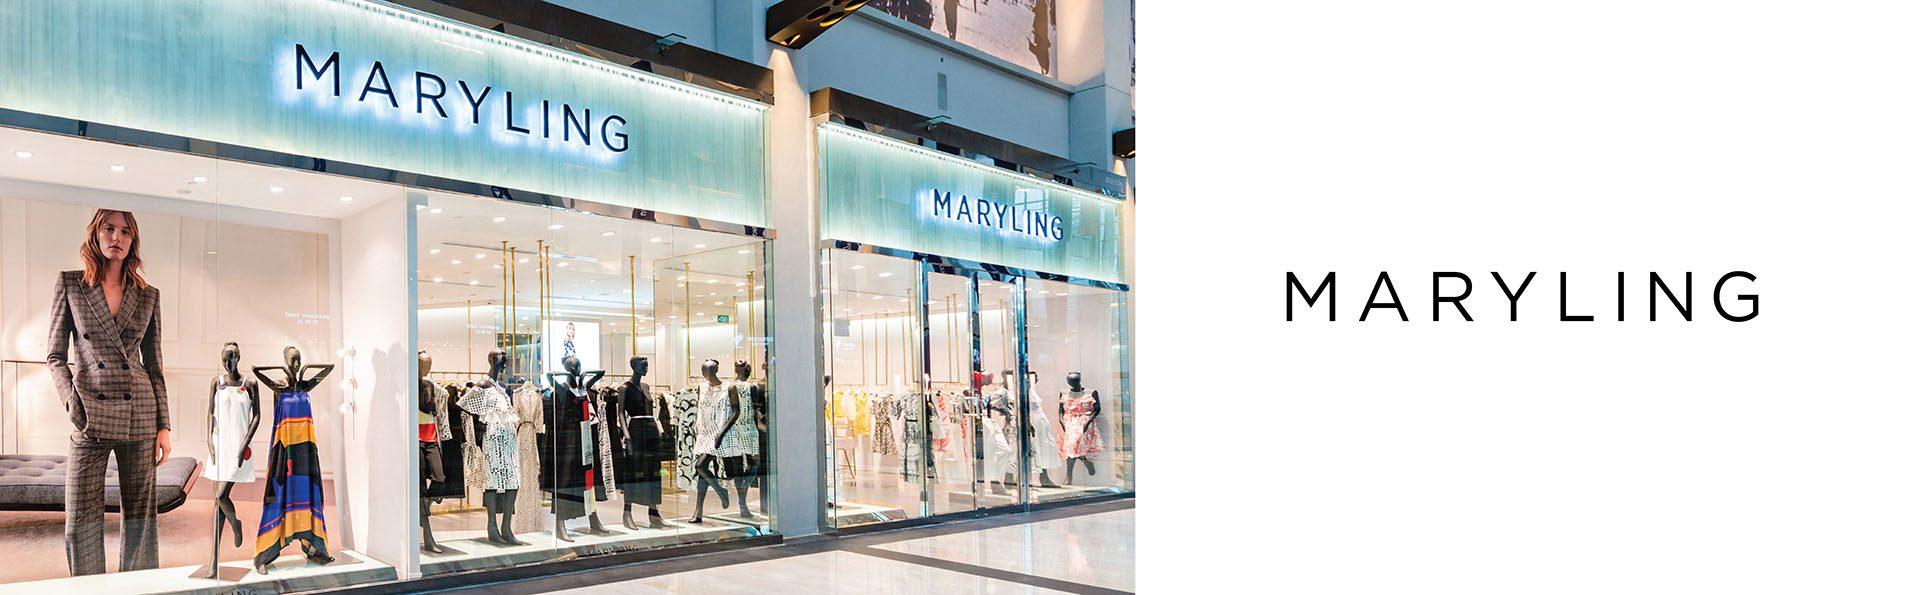 mame-moda-MARYLING-SS19-IL-FASHION-SHOW-PER-LA-MFW-evidenza